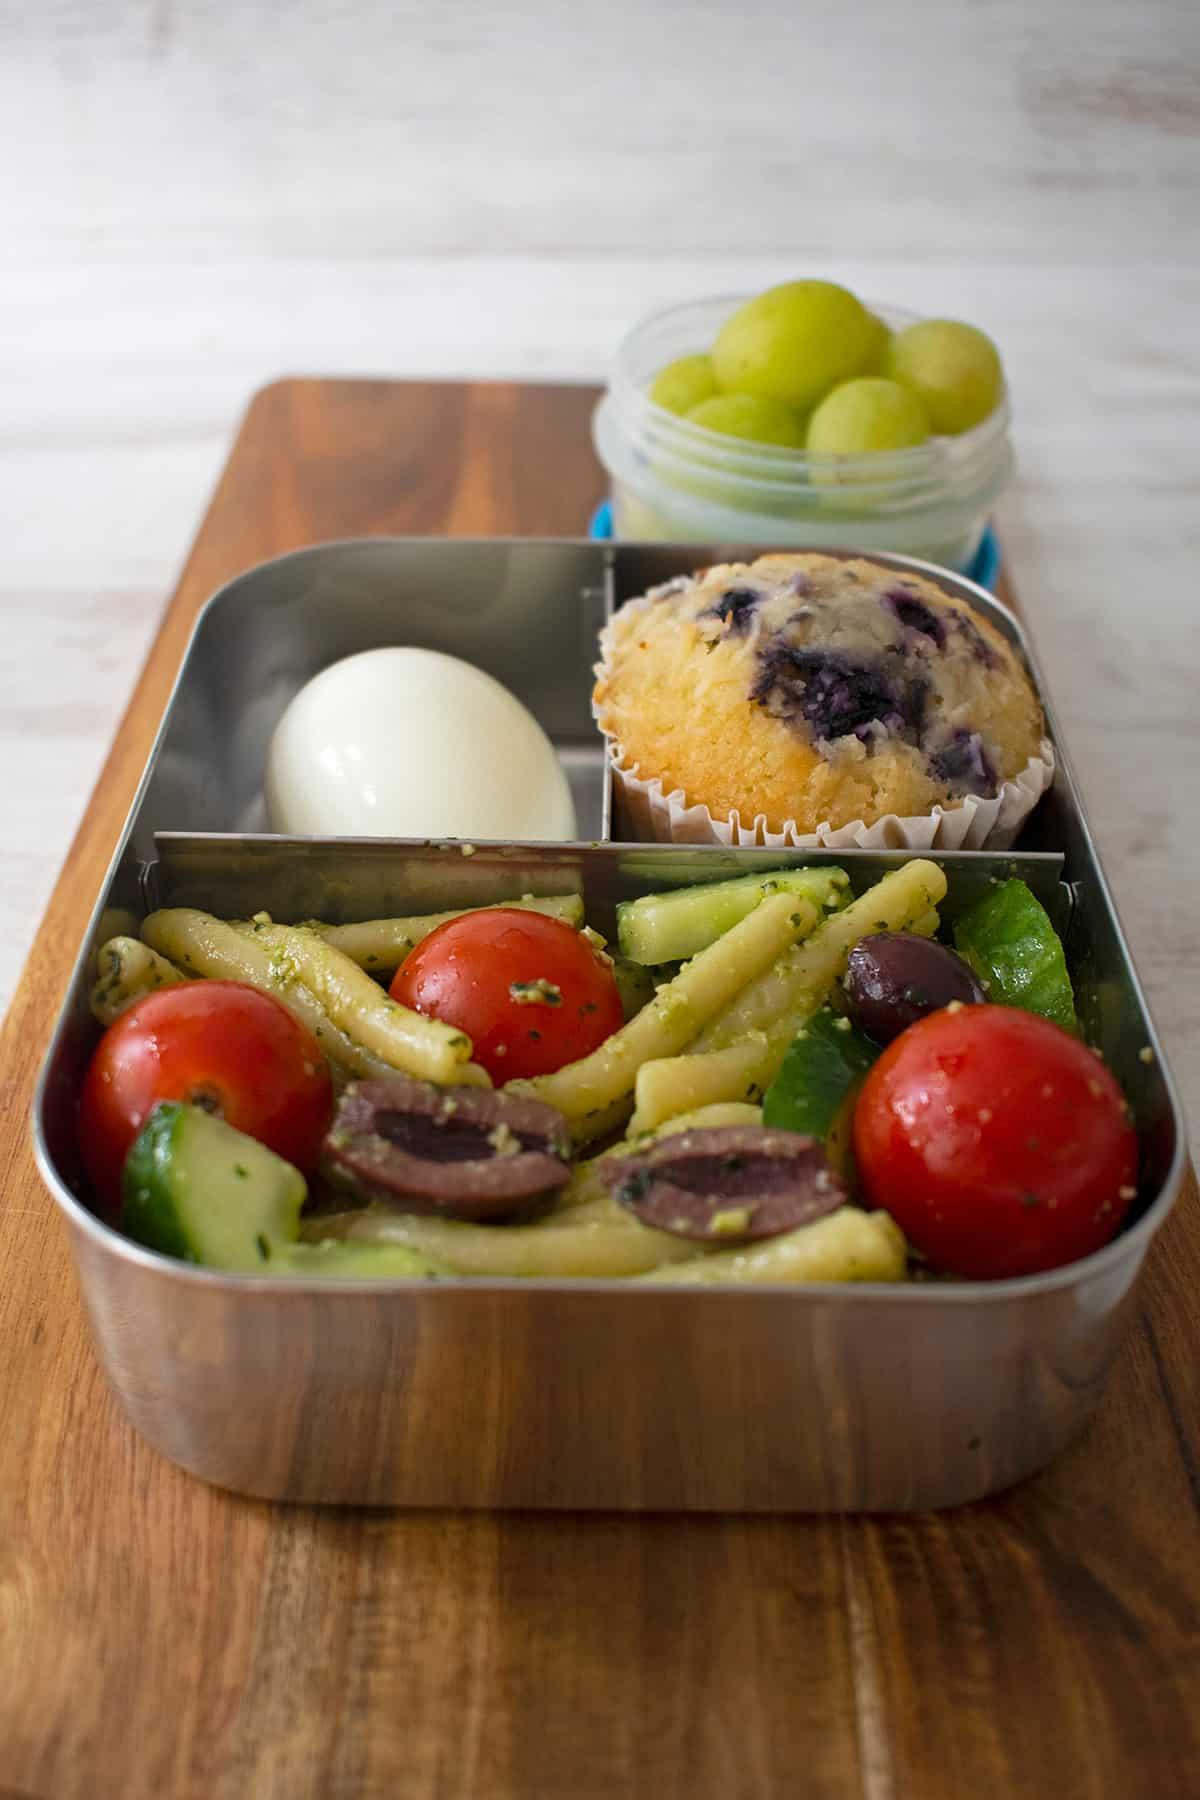 lunchbox para el colegio con ensalada, muffin y uvas